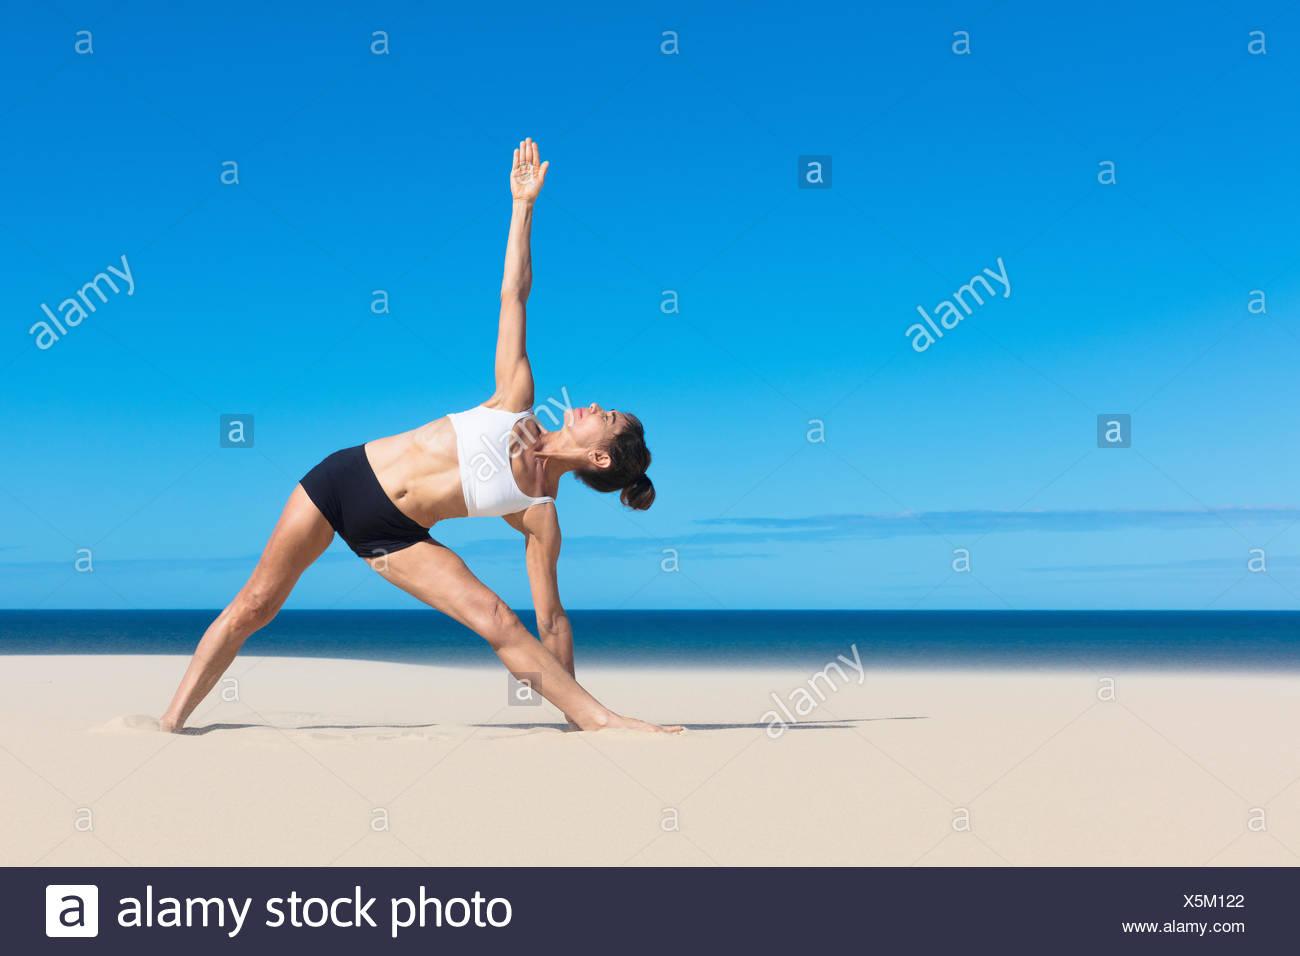 Mujer en la playa doblado lateralmente los brazos levantados en posición de yoga Imagen De Stock